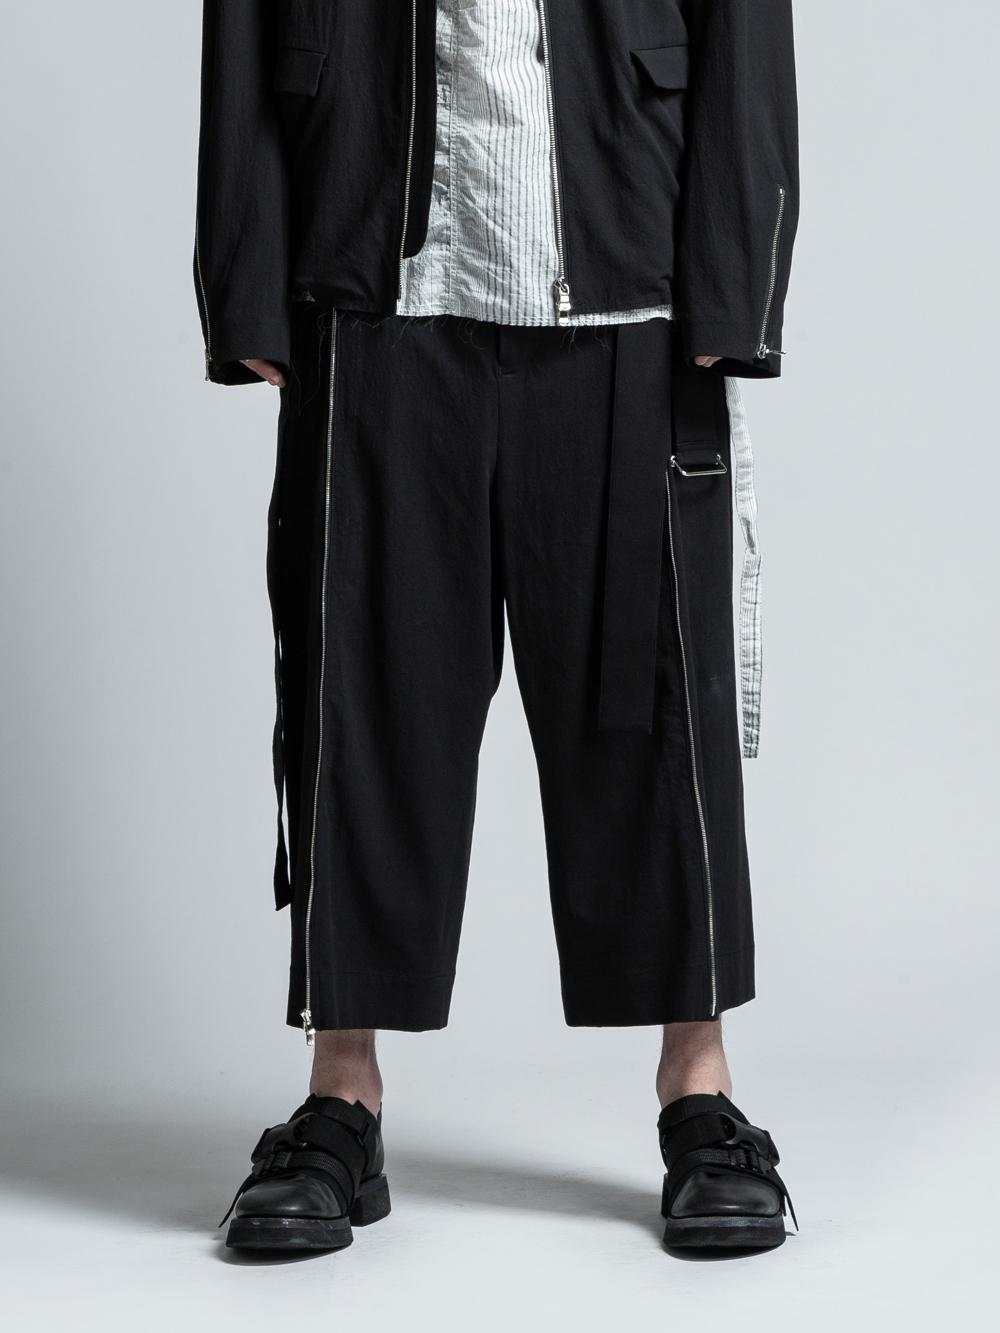 VI-3021-04 / 強撚ワッシャー サイドジップ 袴パンツ